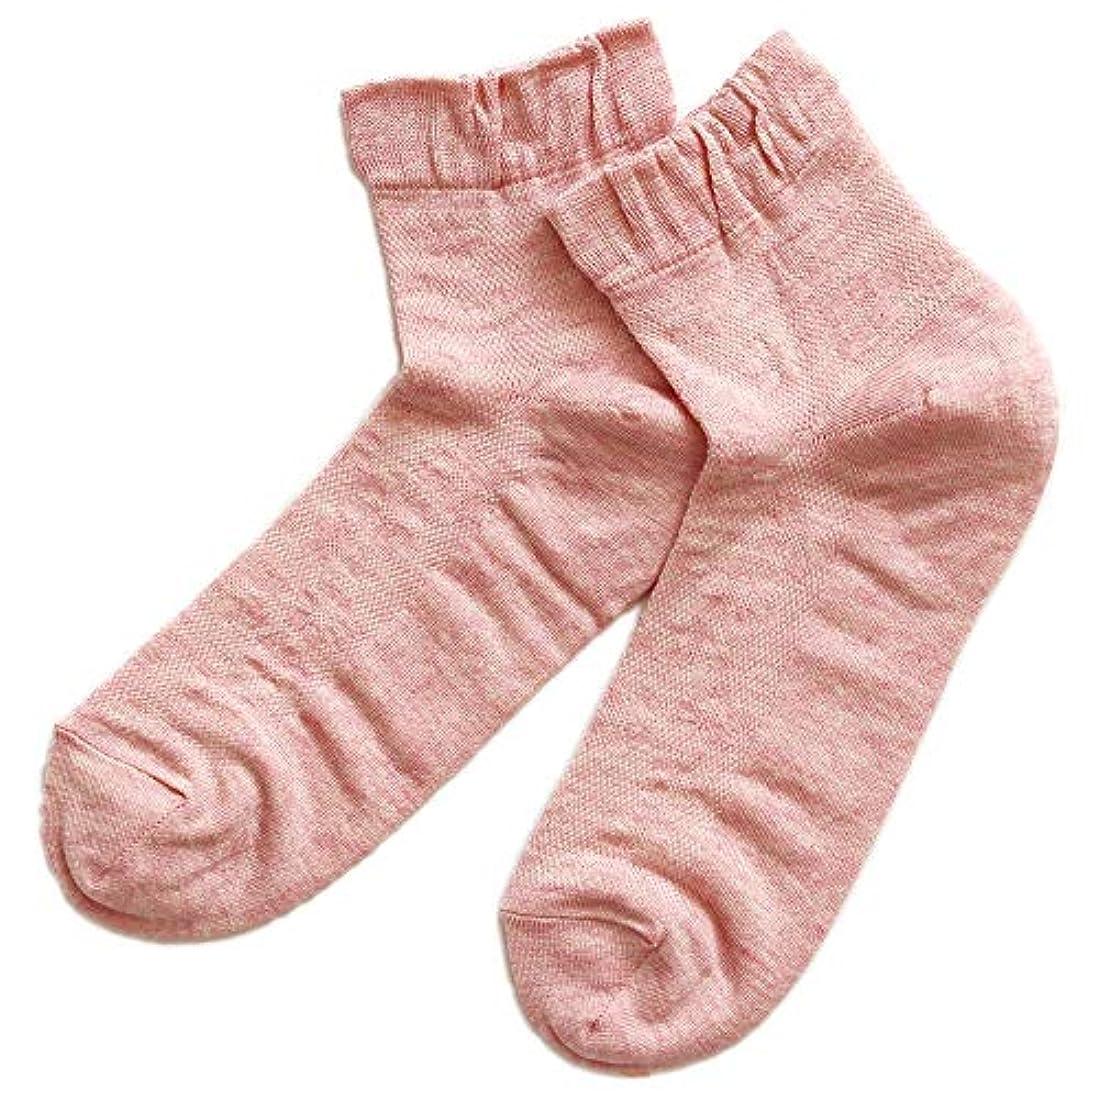 イブニング無声でバッフル温むすび かかとケア靴下 【足うら美人メッシュタイプ 女性用 22~24cm ピンク】 ひび割れ ケア 夏用